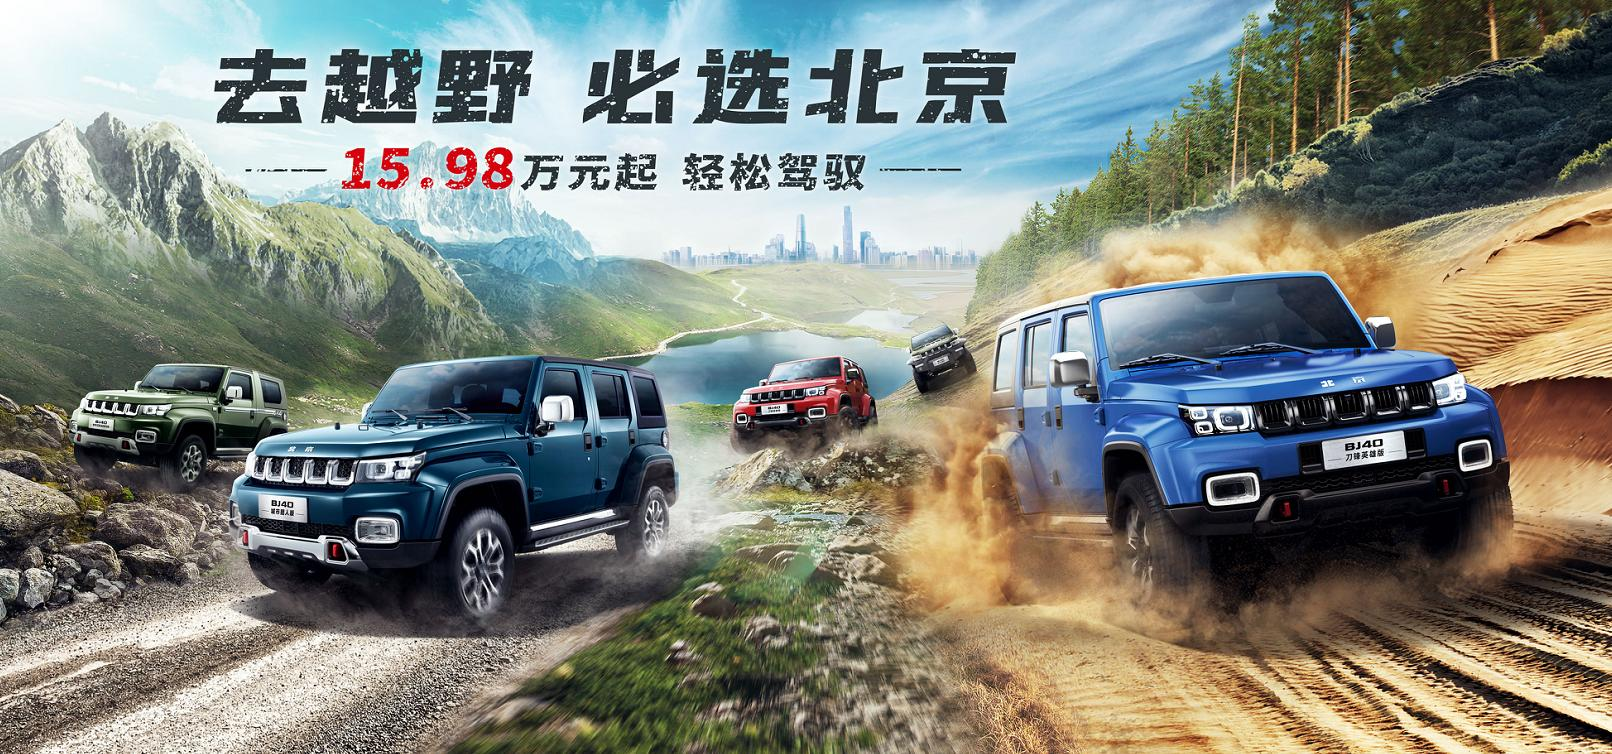 北京越野首款柴油 BJ40刀锋英雄版柴油版